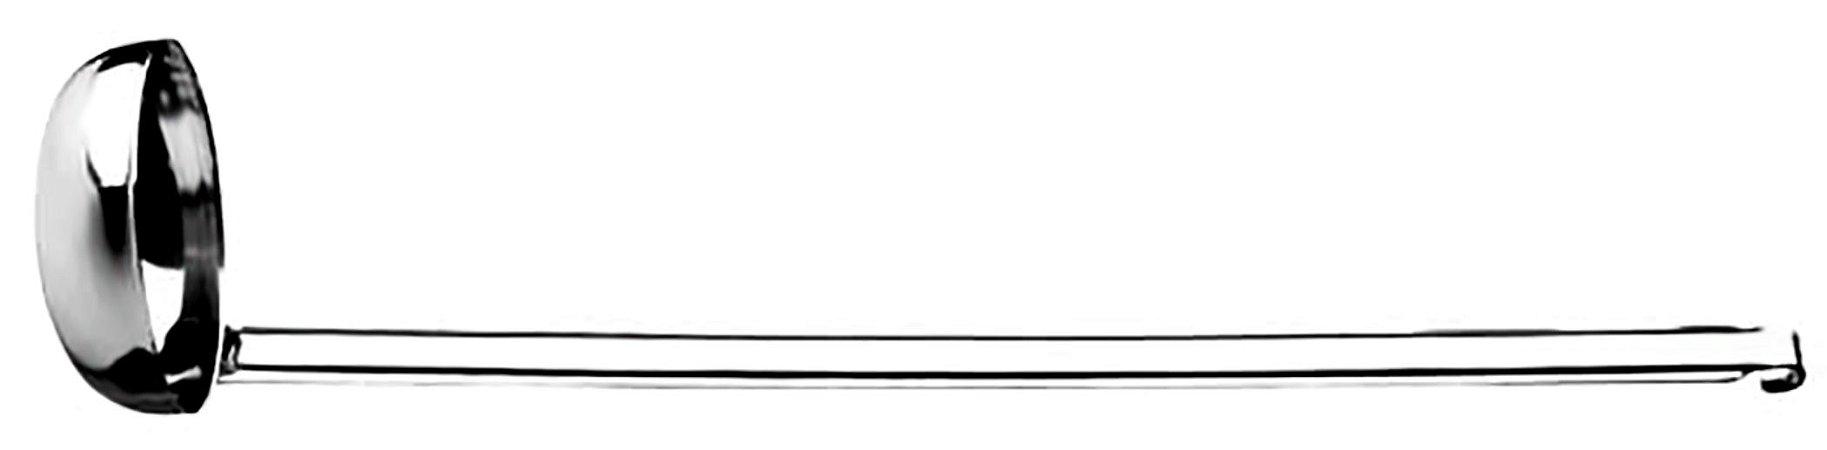 Concha Inox Pendurar 40 cm Ø 11cm -